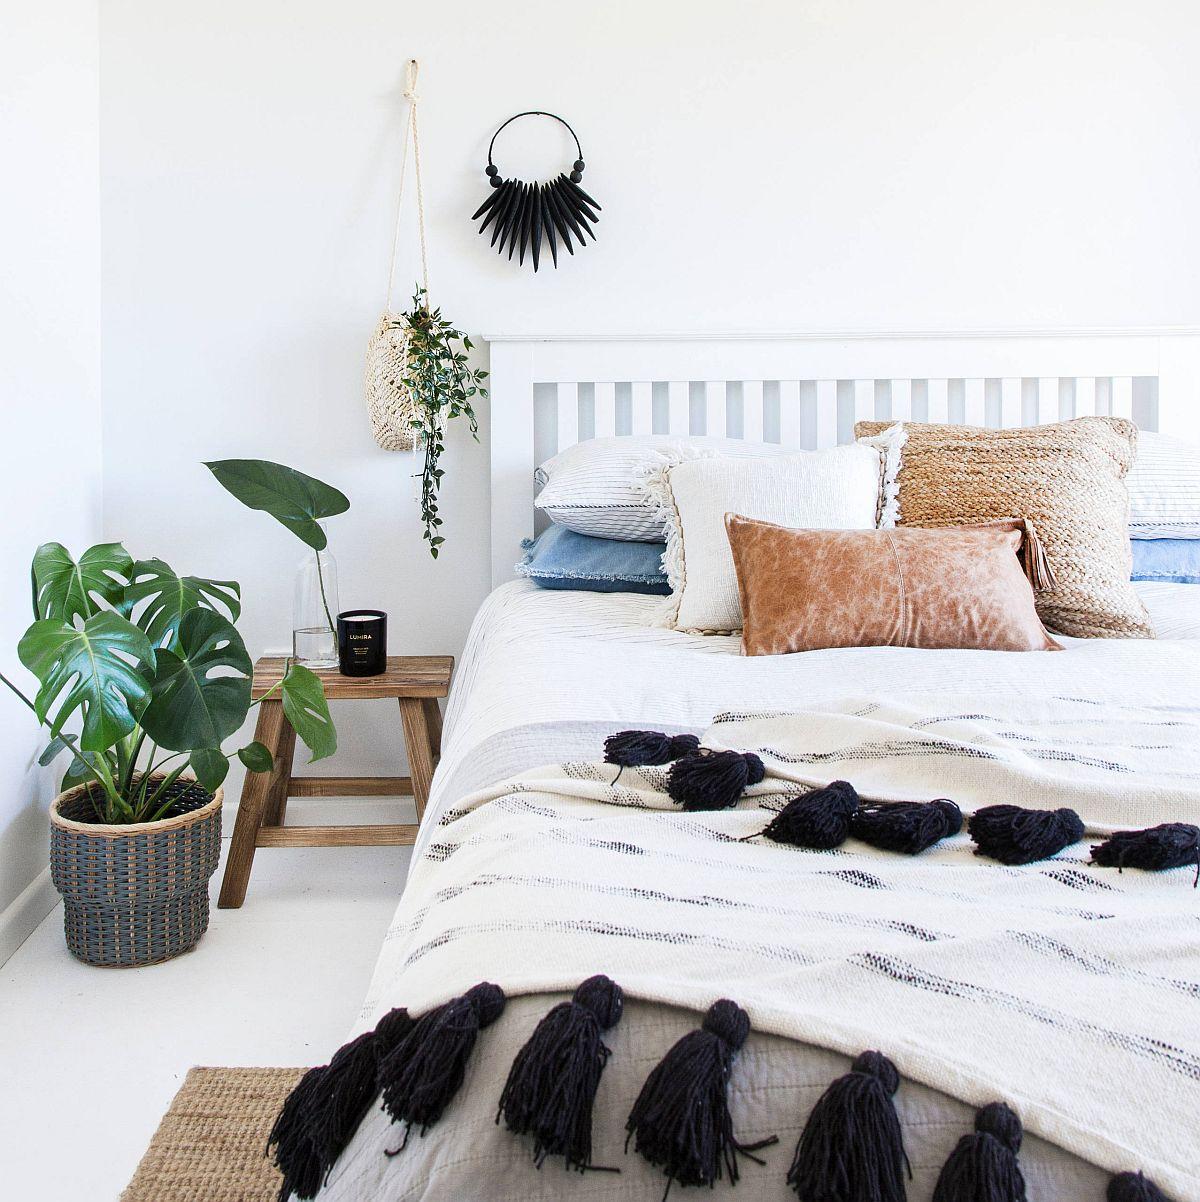 Xu hướng trang trí phòng ngủ sẽ làm mưa làm gió trong năm 2020 chắc chắn bạn không muốn bỏ lỡ - Ảnh 4.